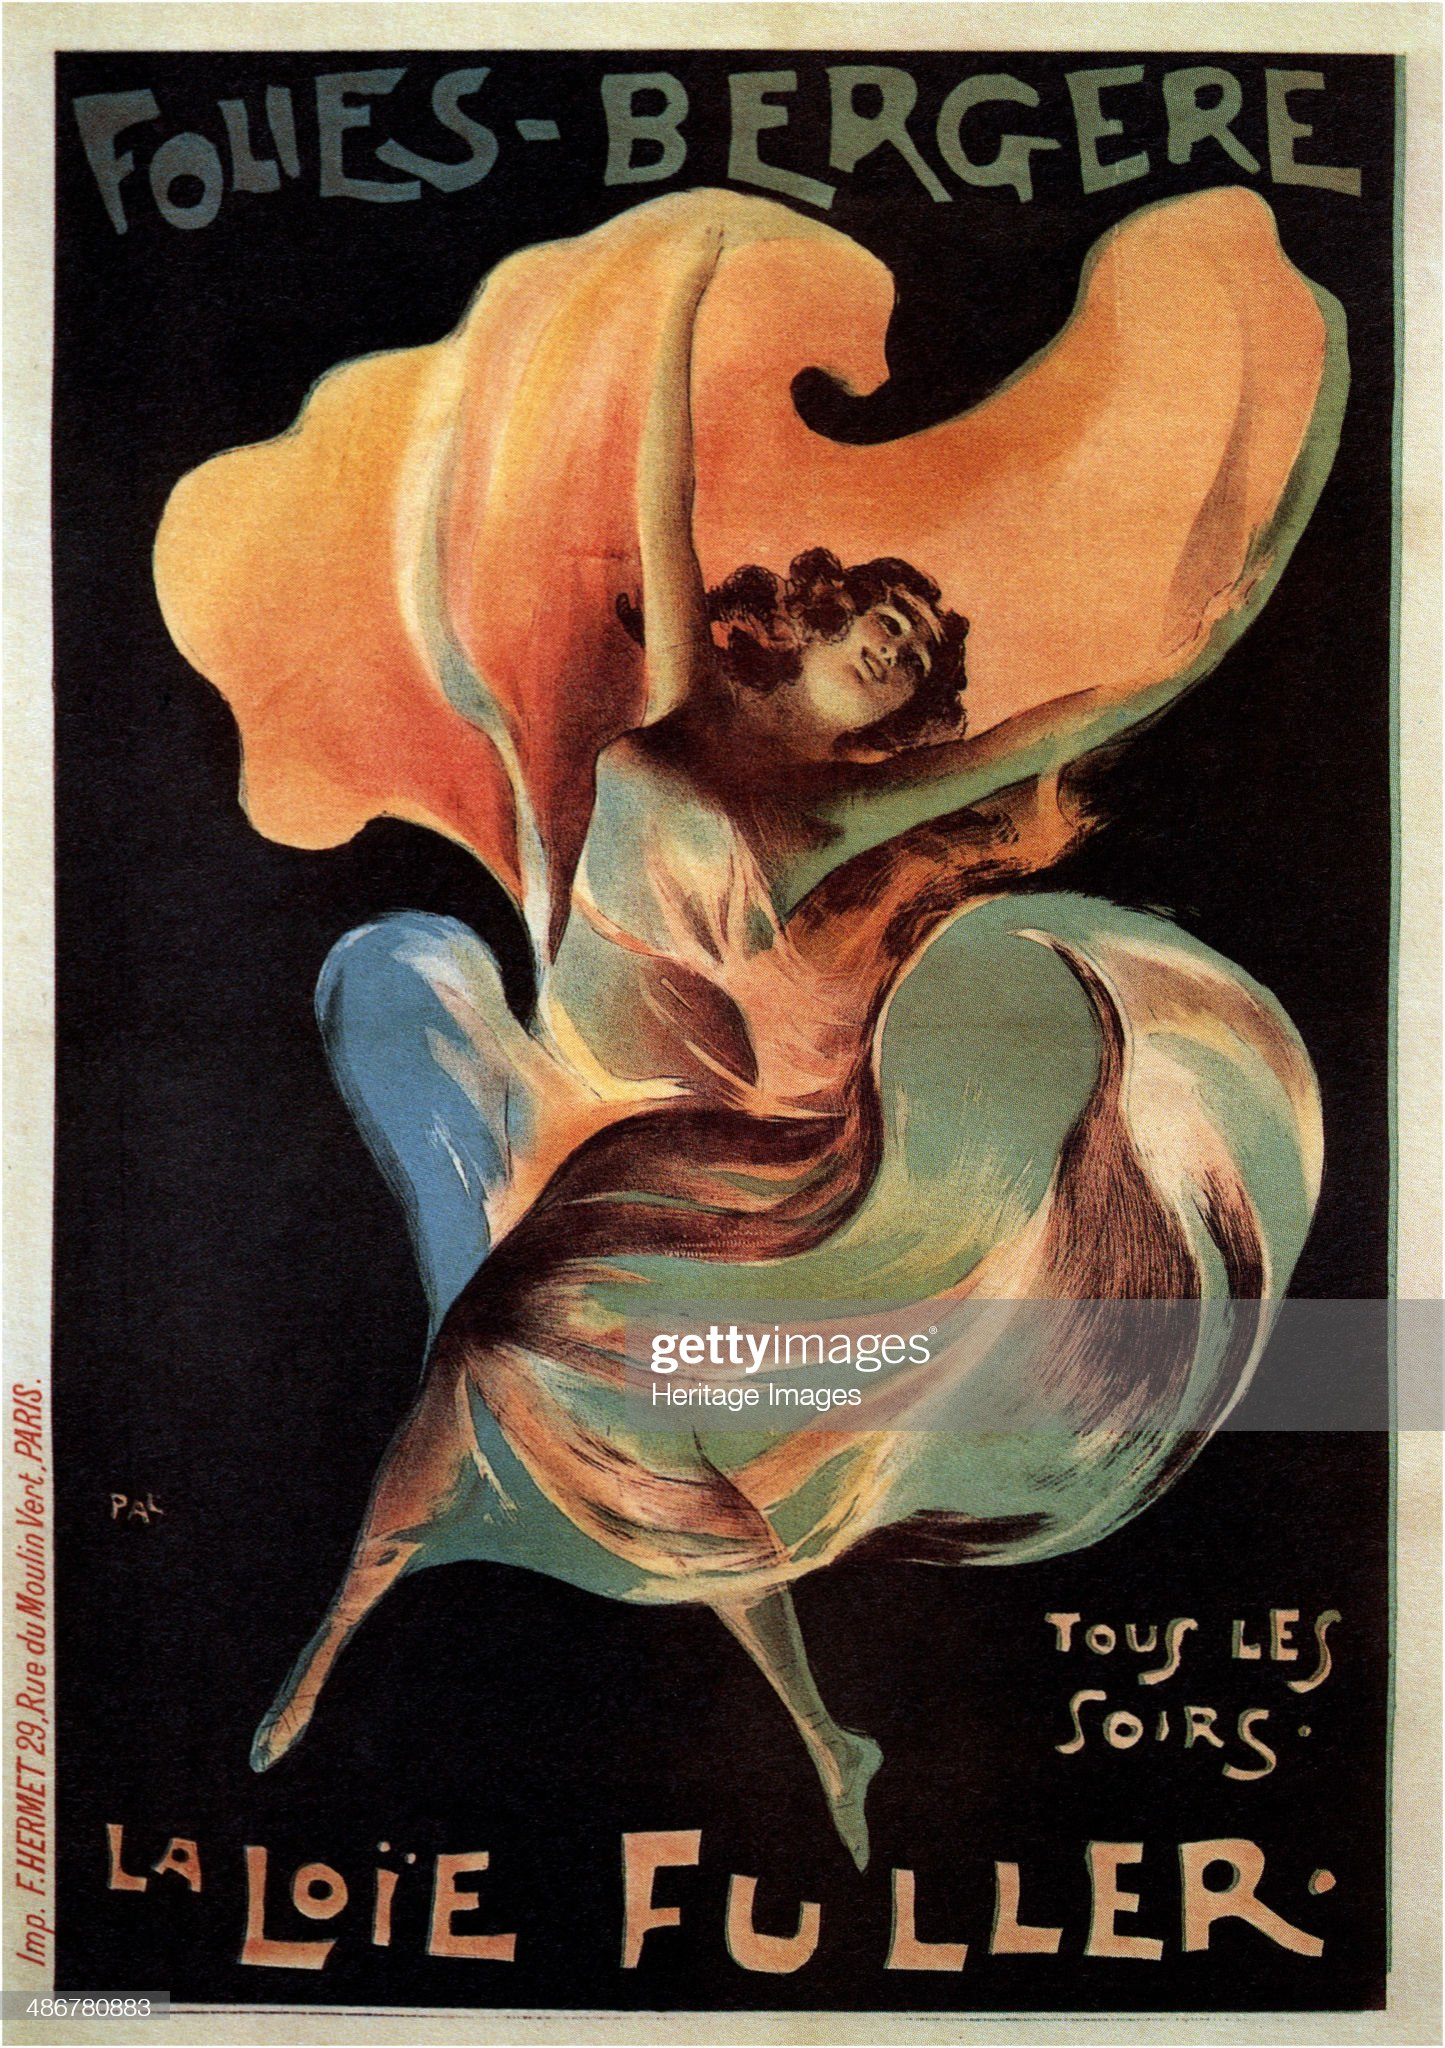 Ca s'est passé en mai ! Folies-bergres-1897-artist-palologue-jean-de-picture-id486780883?s=2048x2048